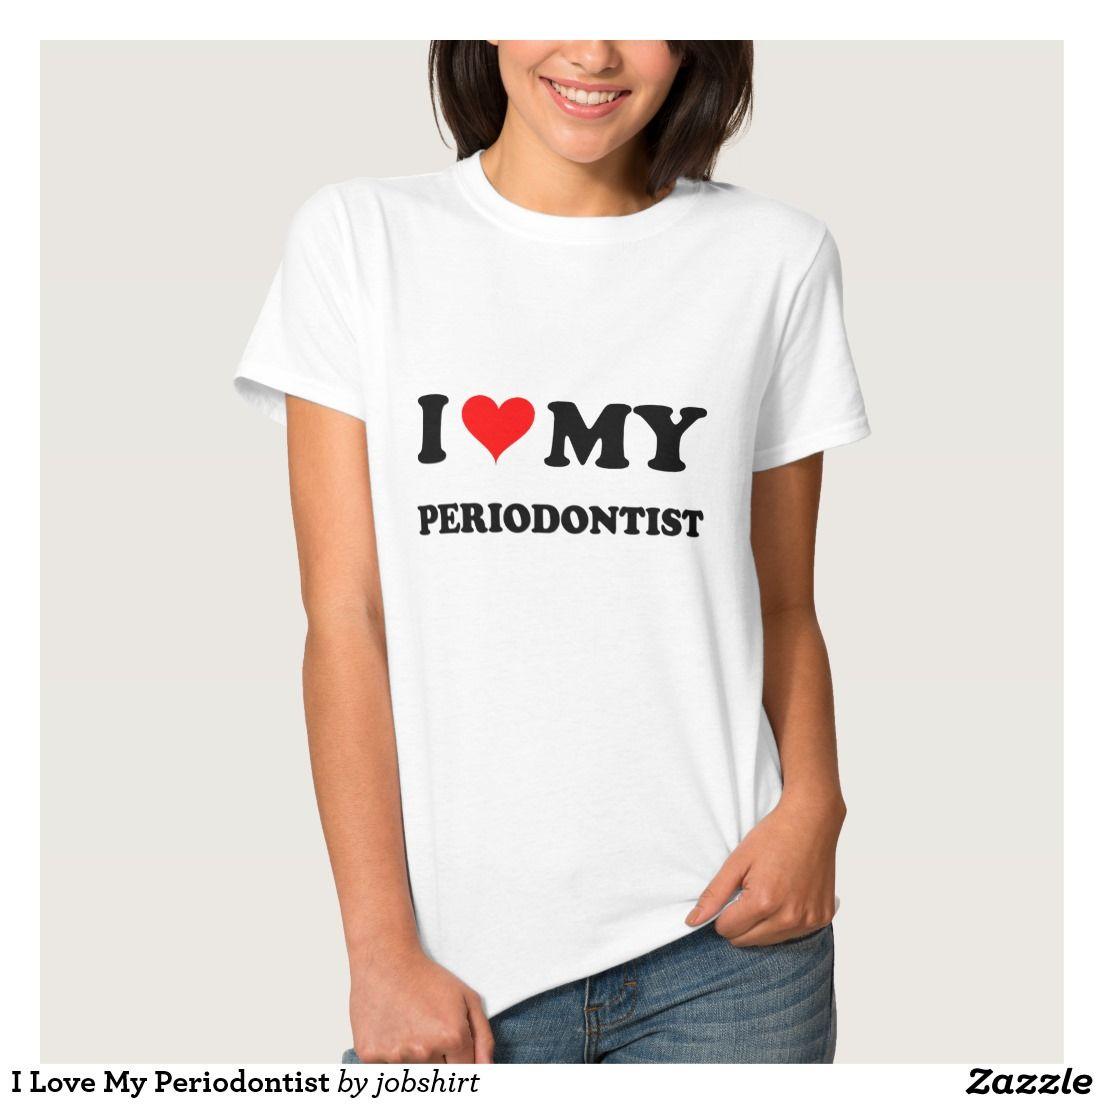 I Love My Periodontist T-shirts